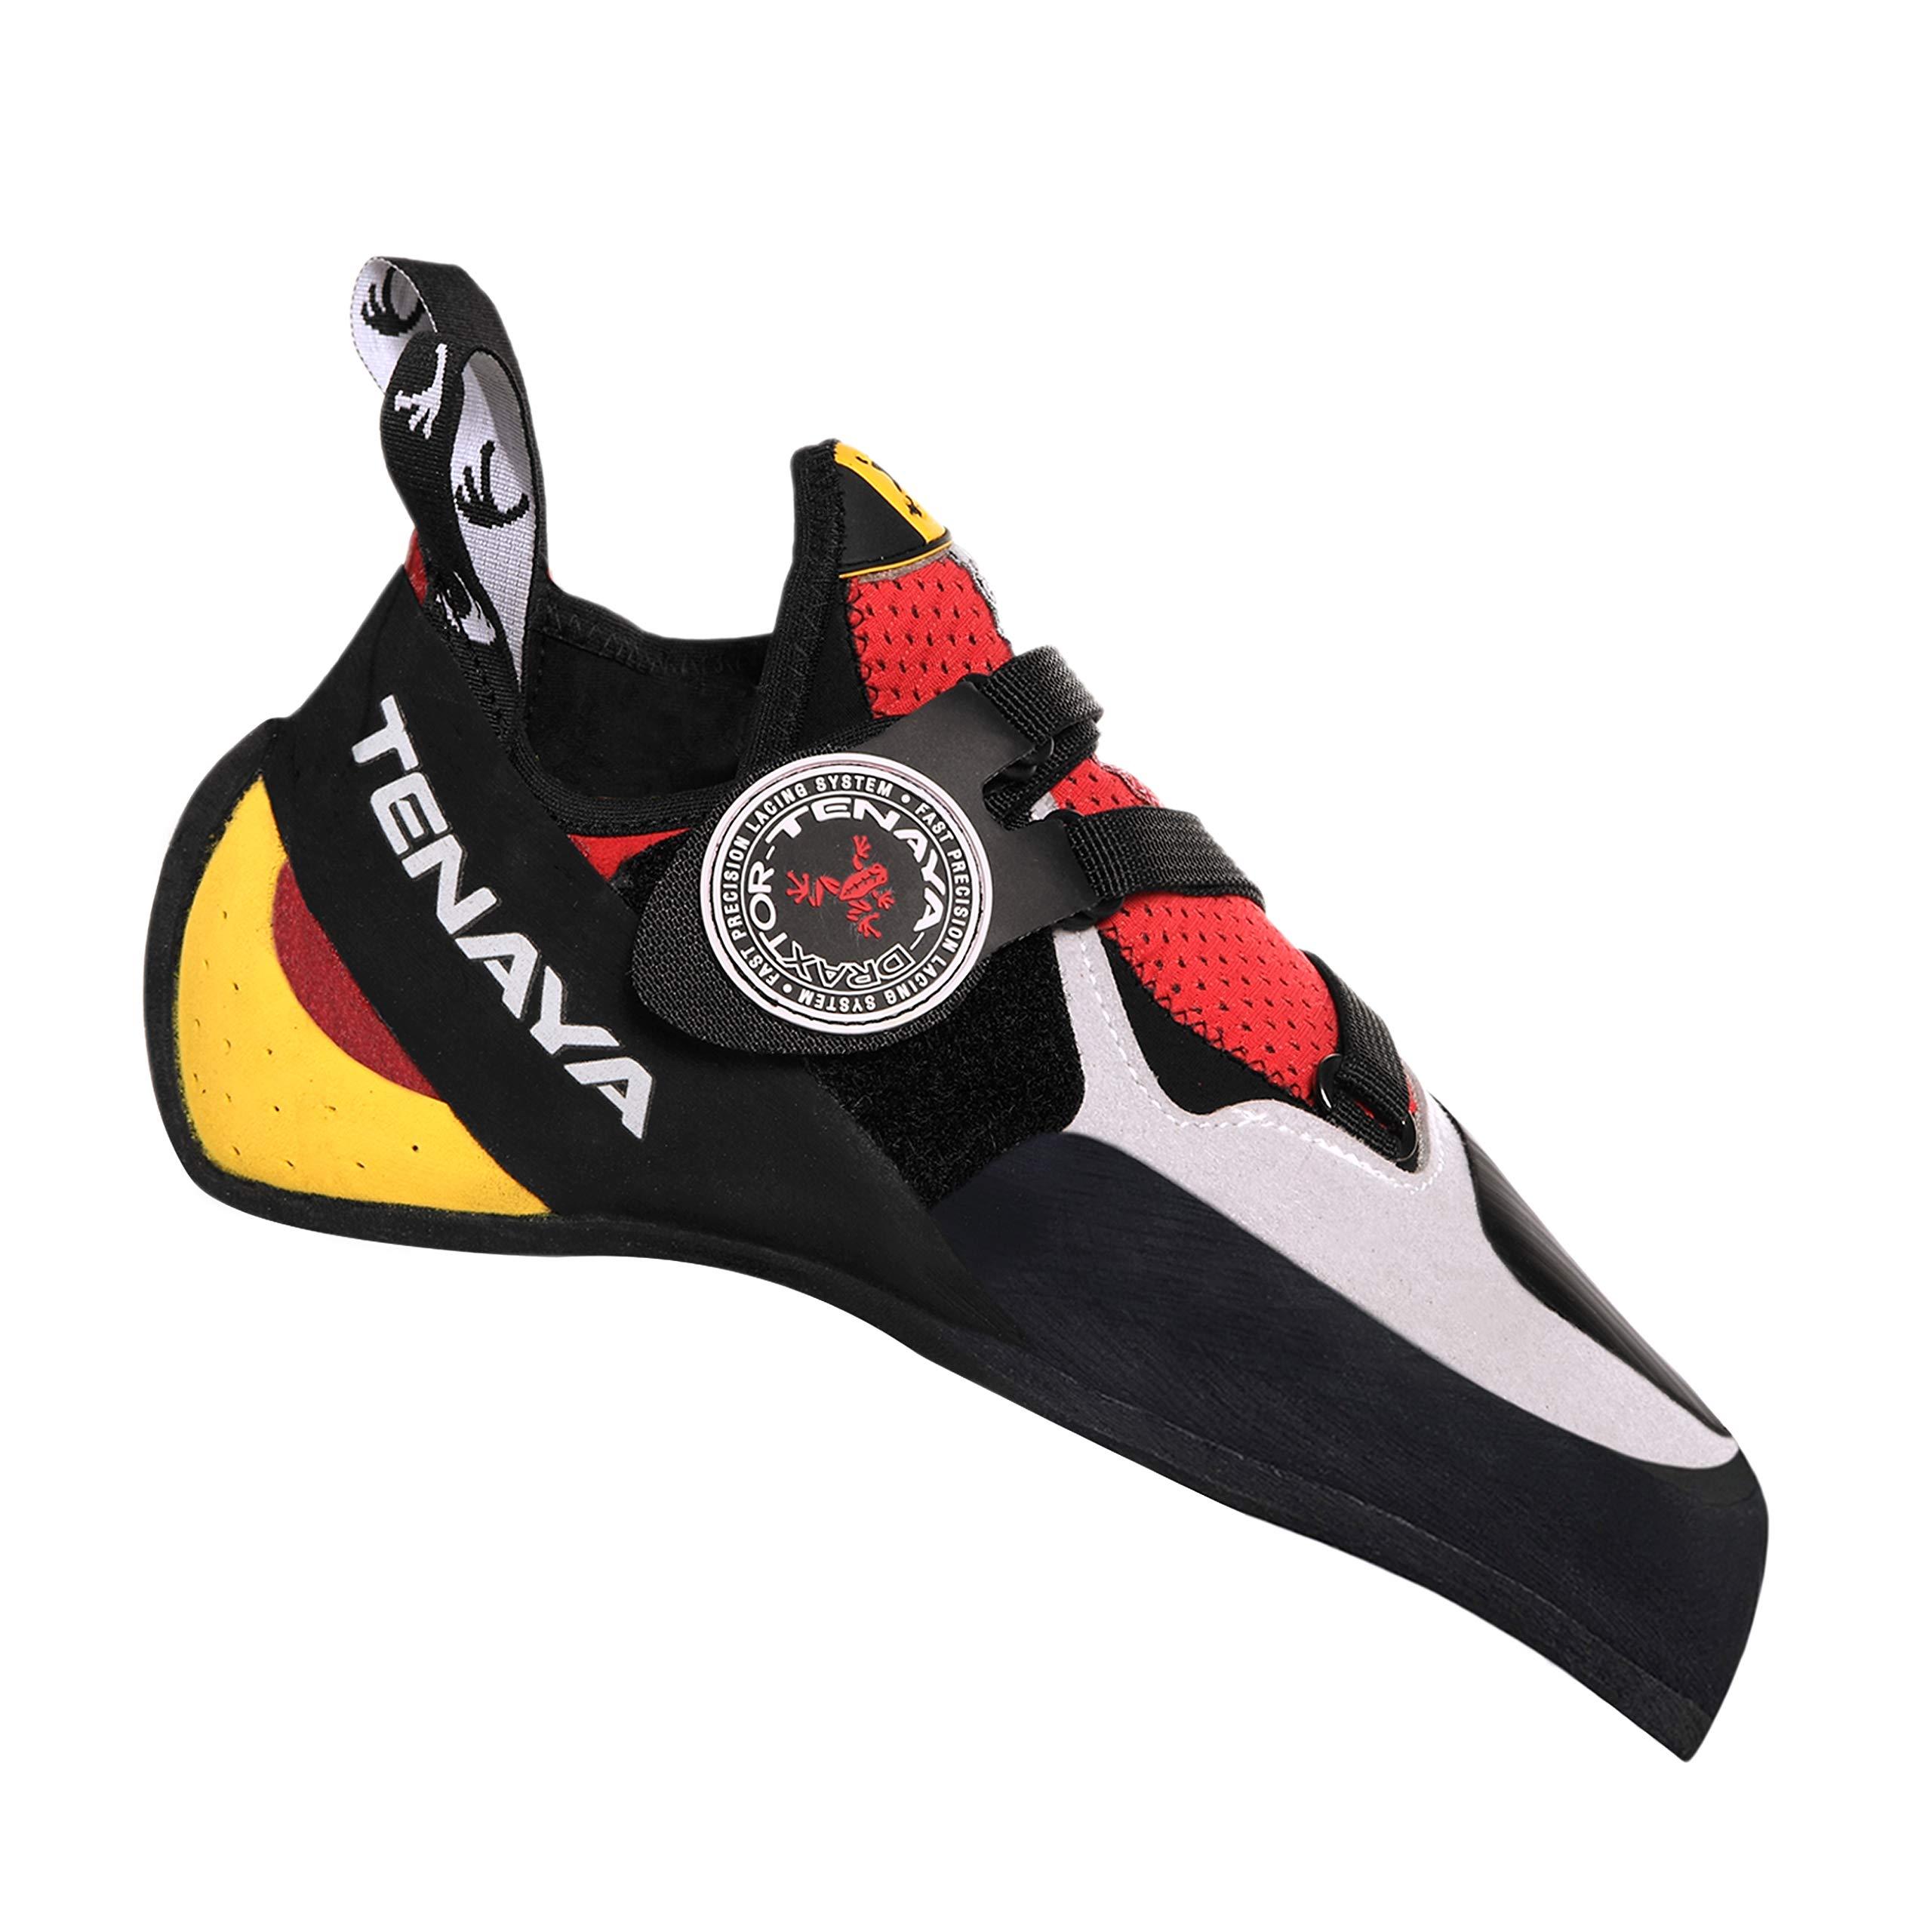 Tenaya Iati Rock Climbing Shoe, 11 Men's / 12 Women's by Tenaya